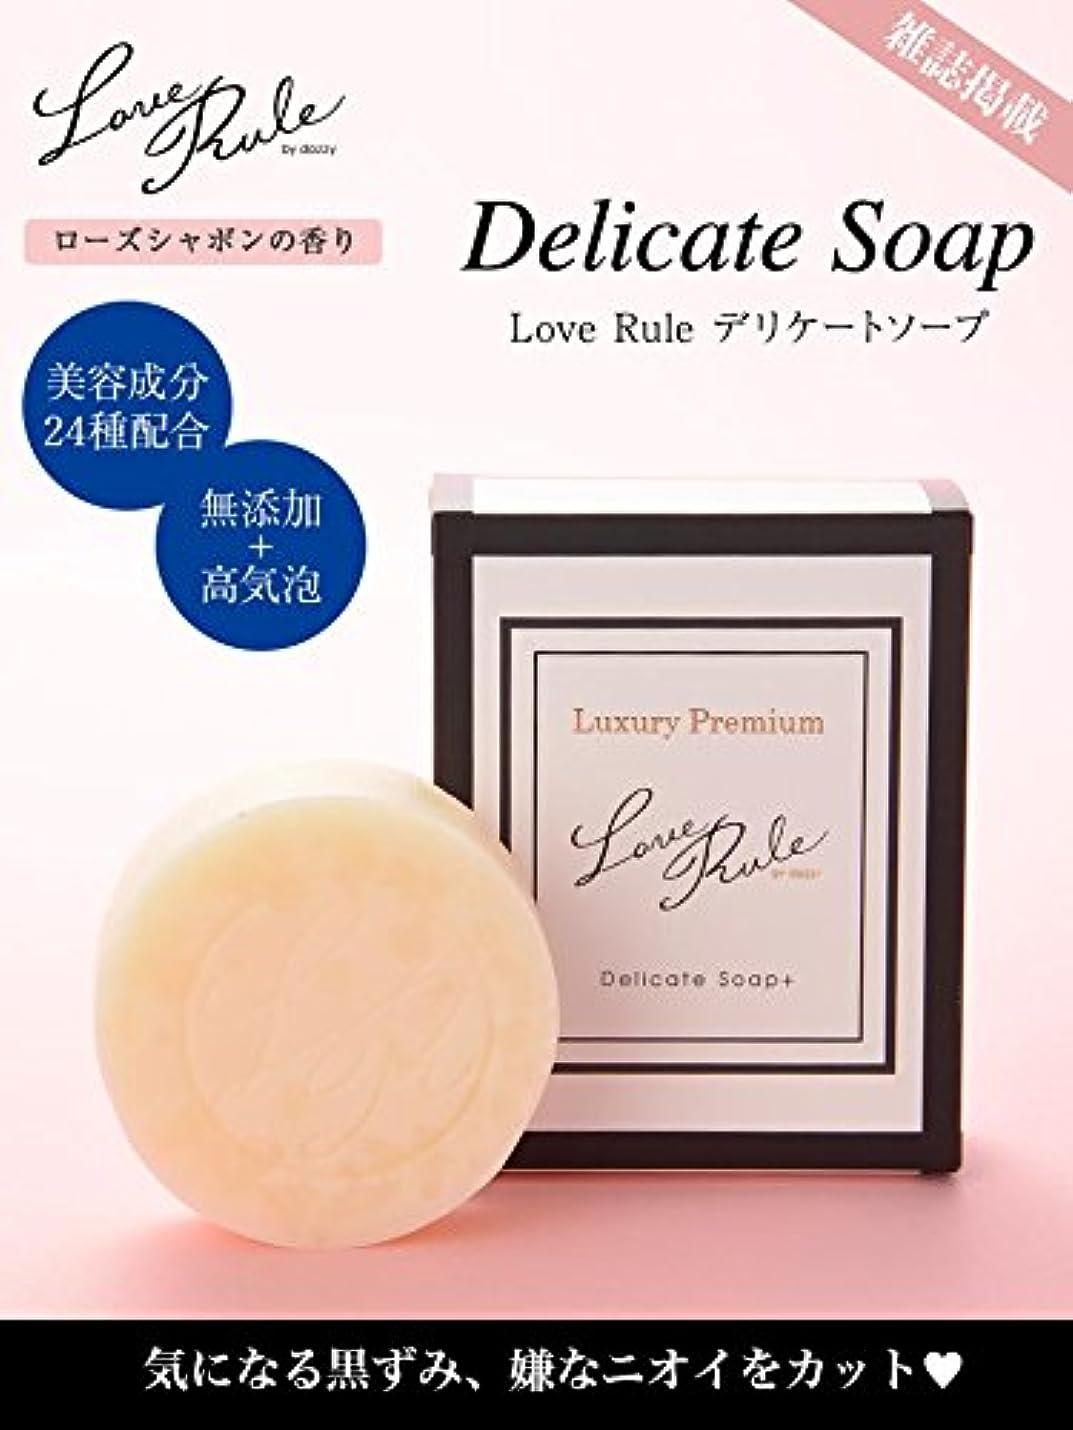 ノーブルメイト発揮するLove Rule デリケートゾーン ソープ プラス 美容成分24種配合 石鹸